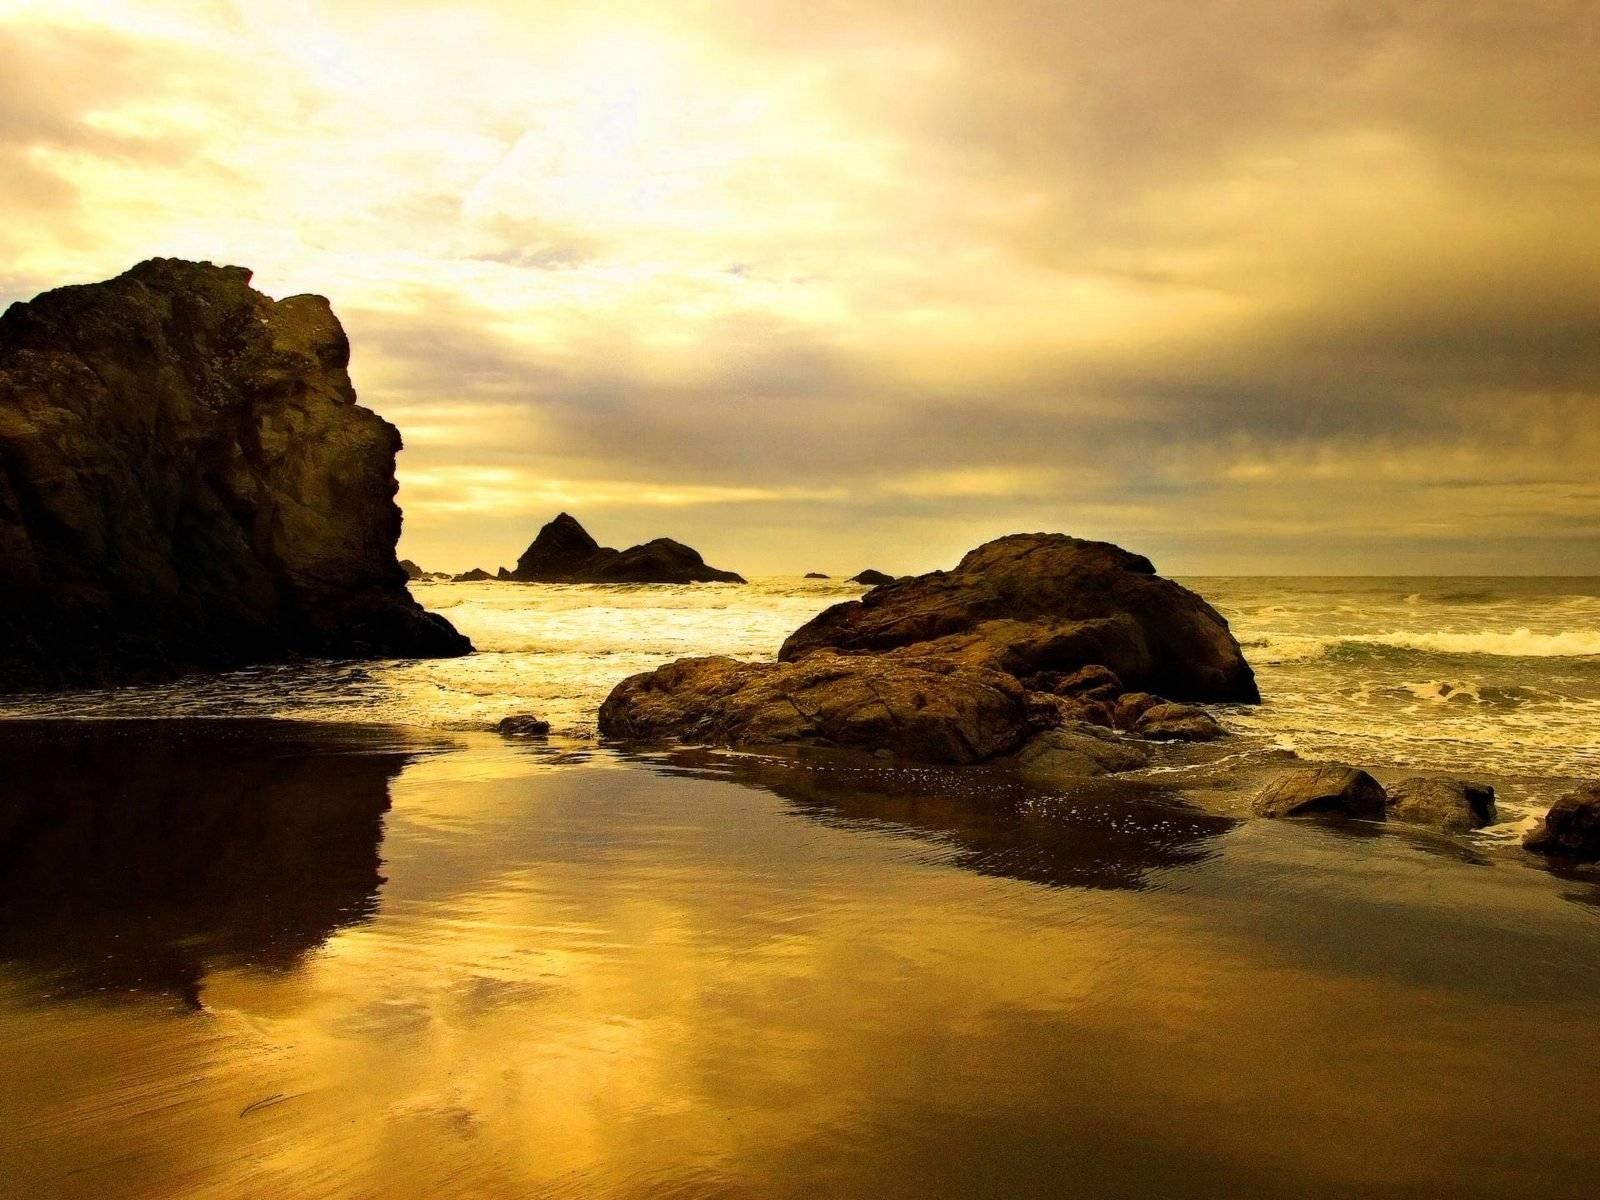 sunset photos 25603